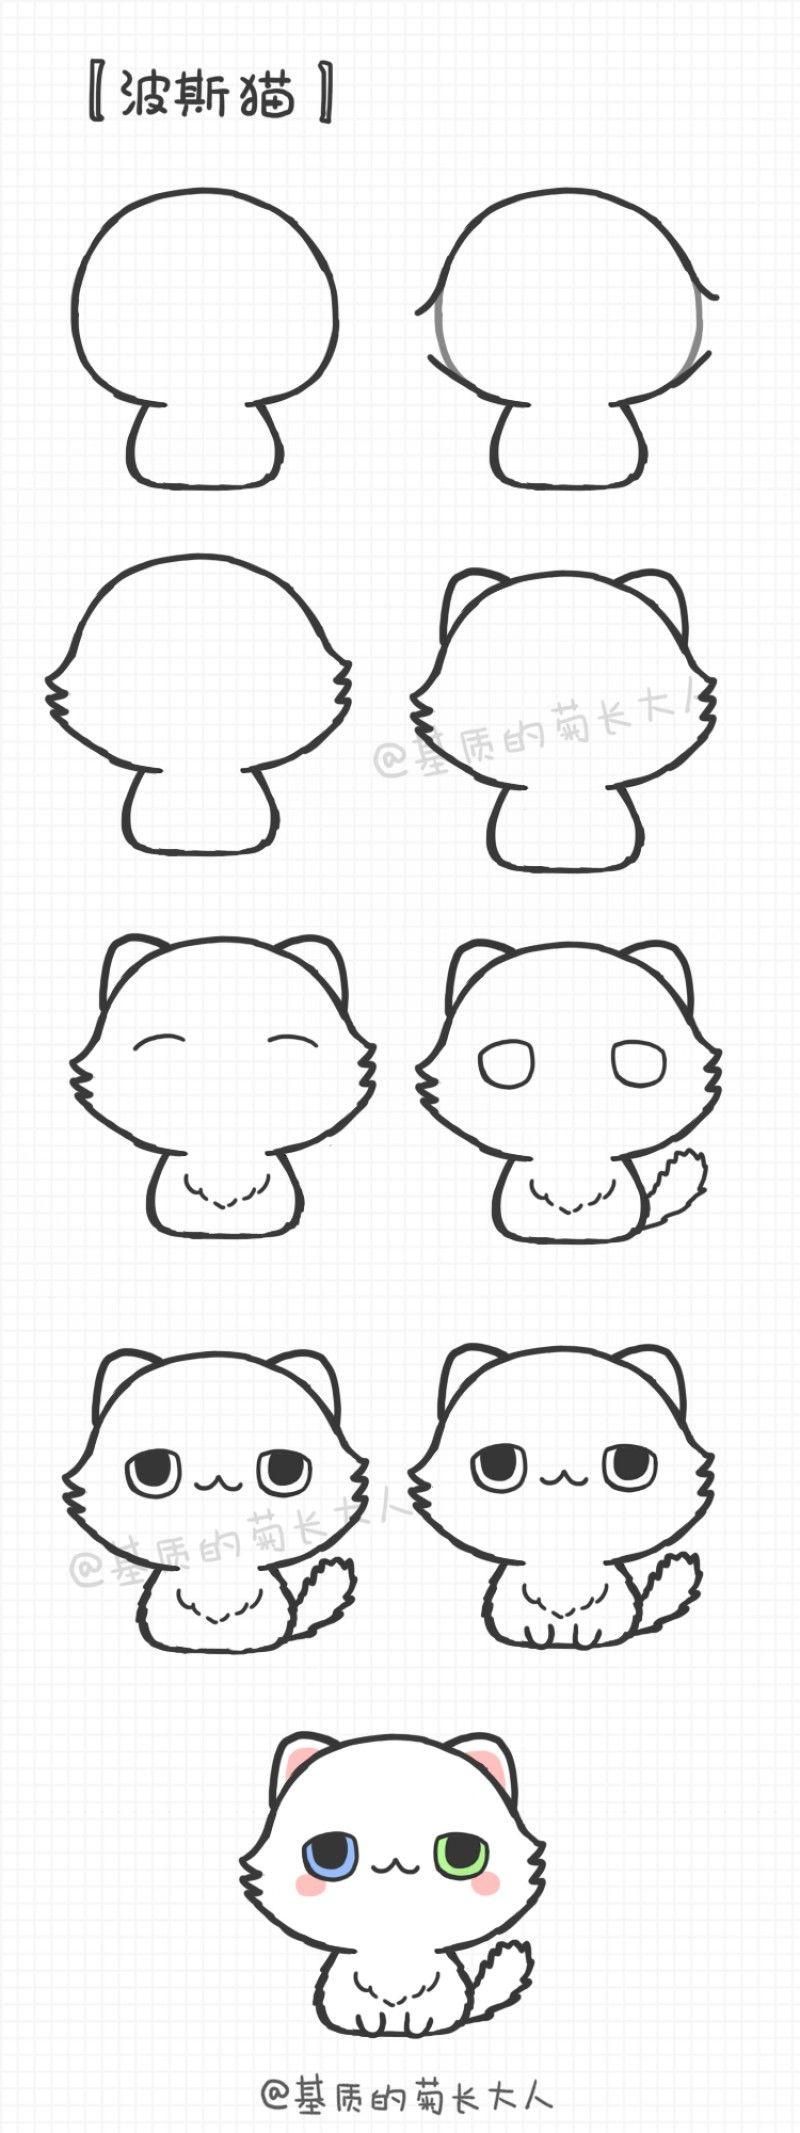 堆糖 美好生活研究所 Cute Animal Drawings Chibi Drawings Kawaii Drawings